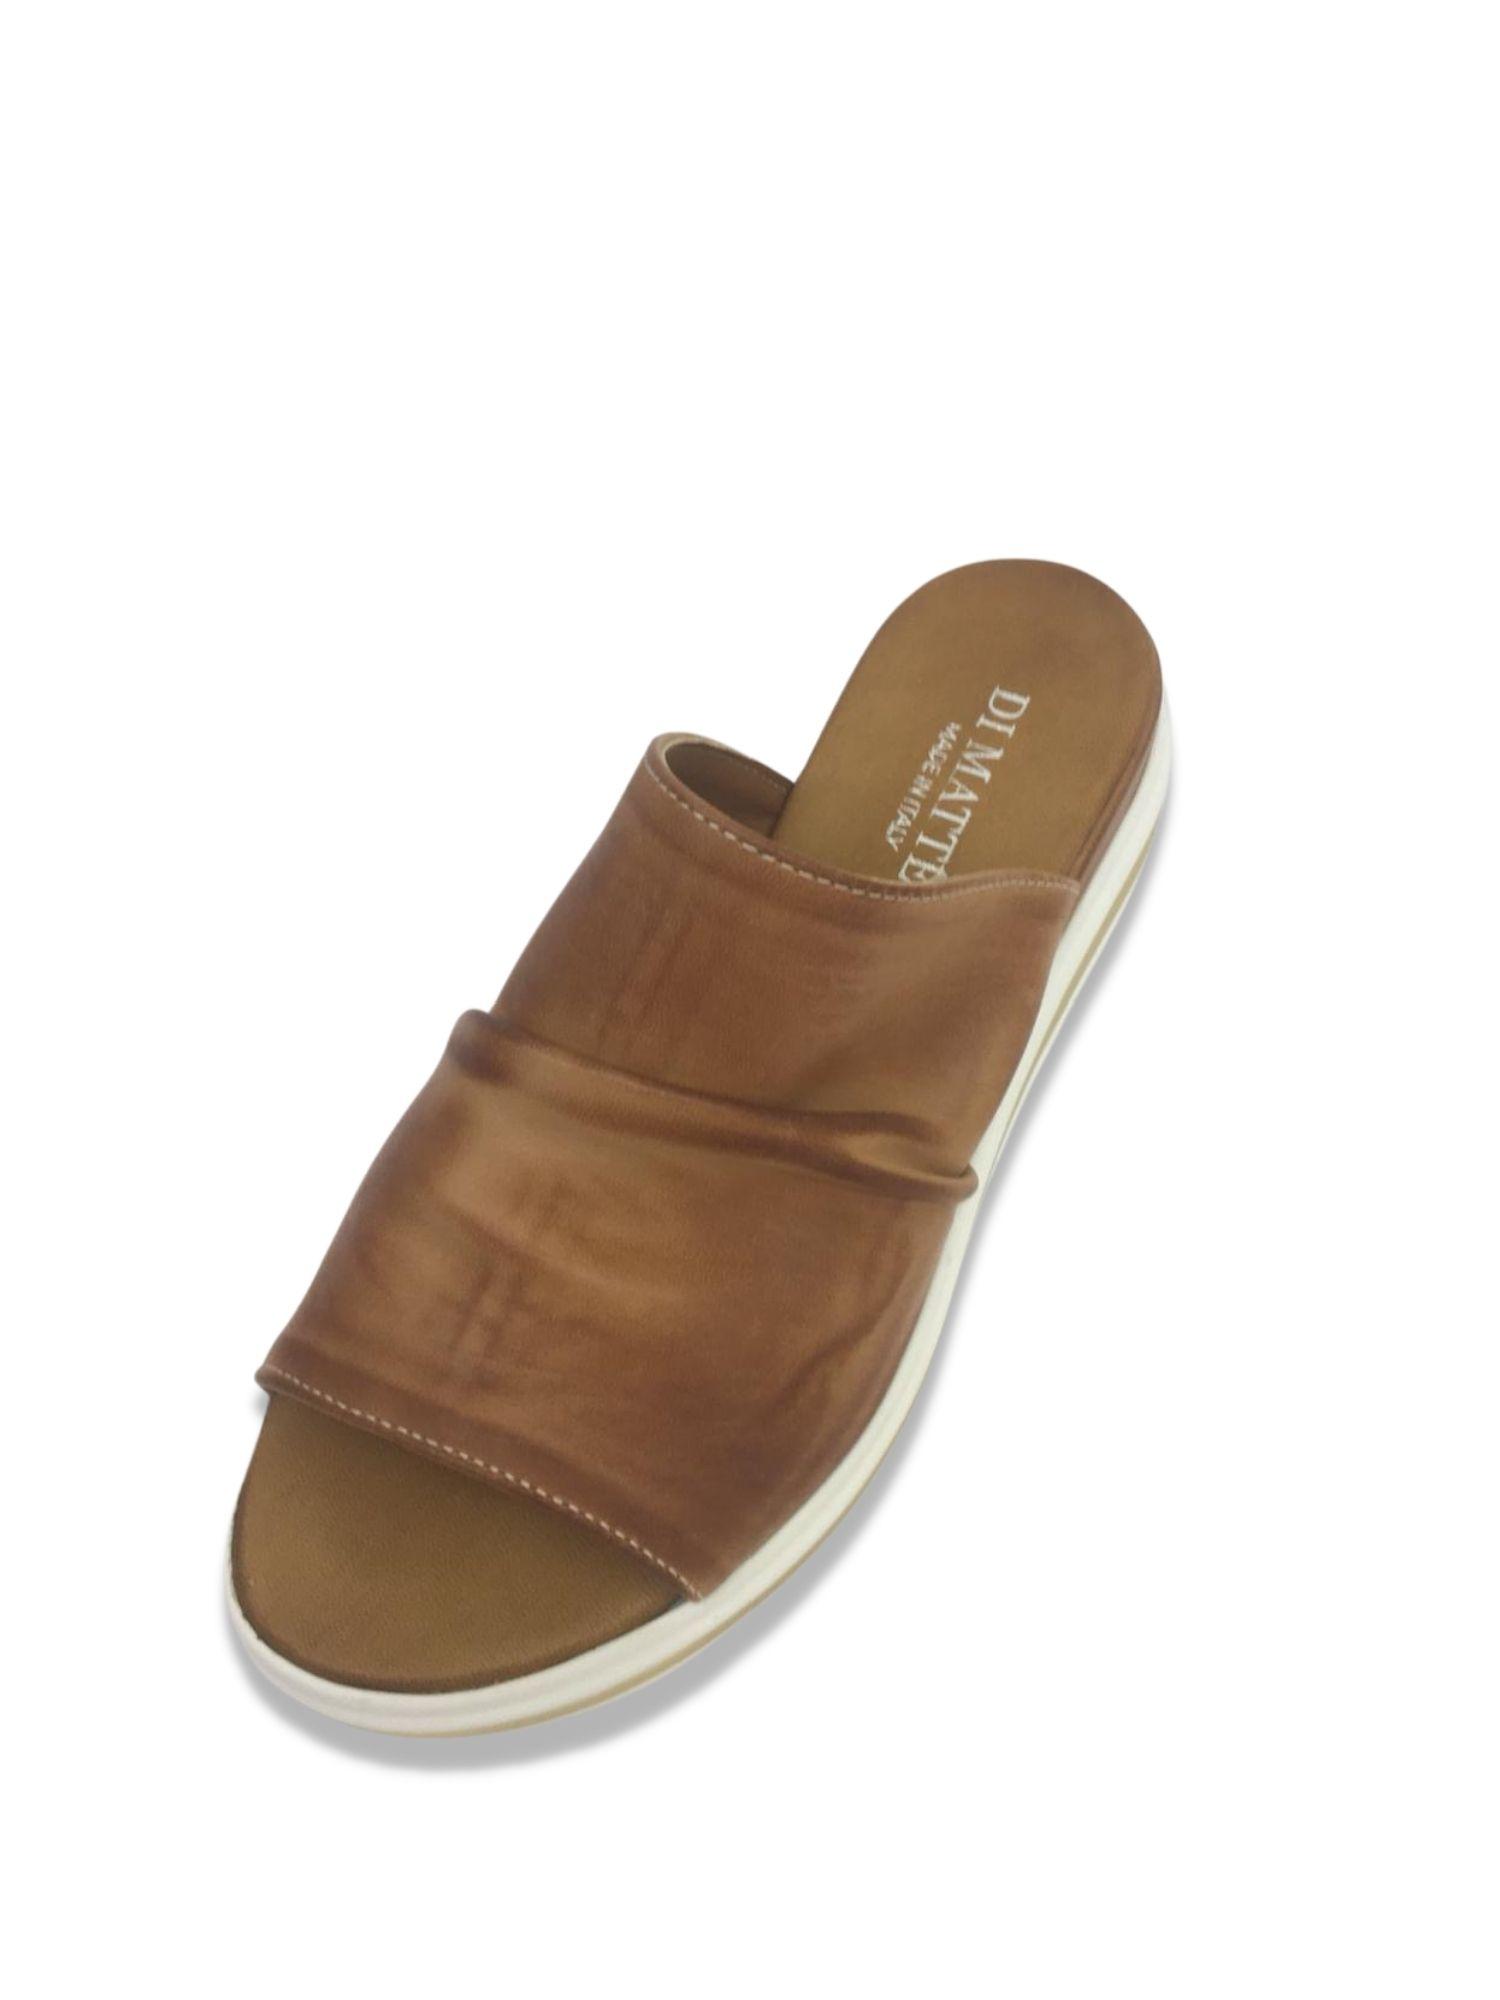 Sandalo Sabot Made in Italy 404 Cuoio alto